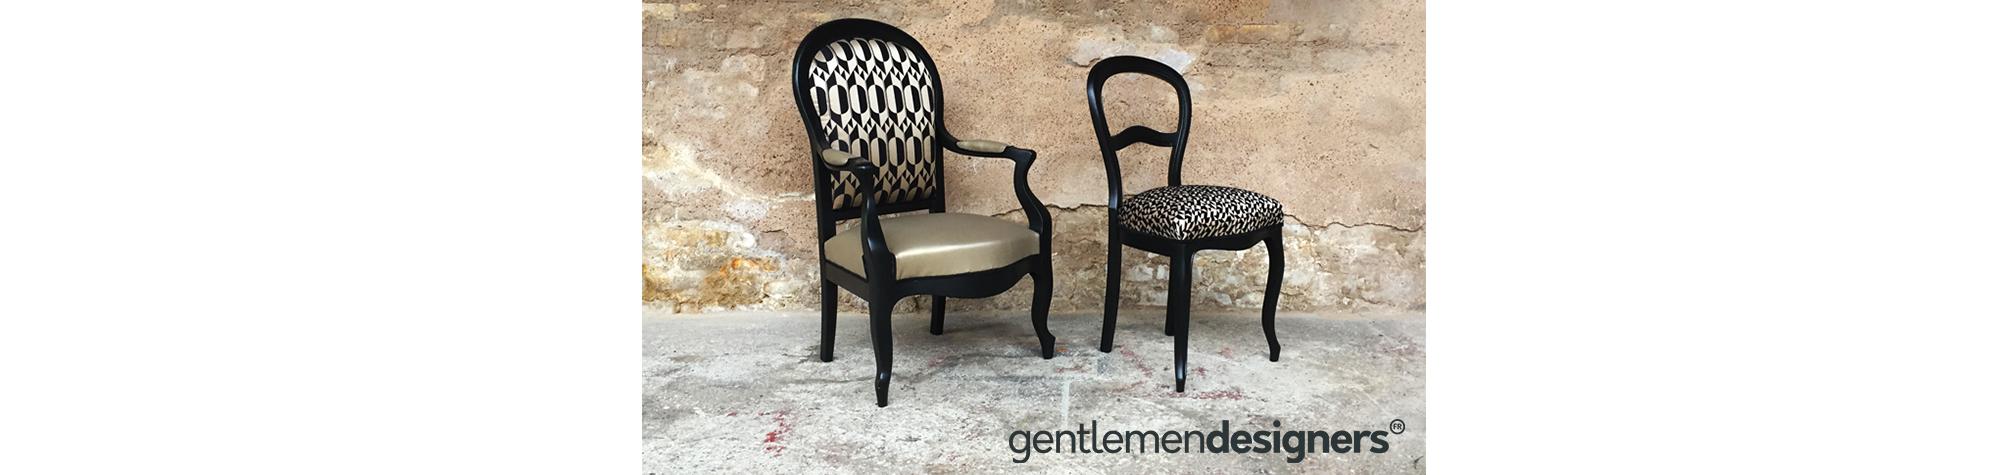 Les chaises VOLTAIRE